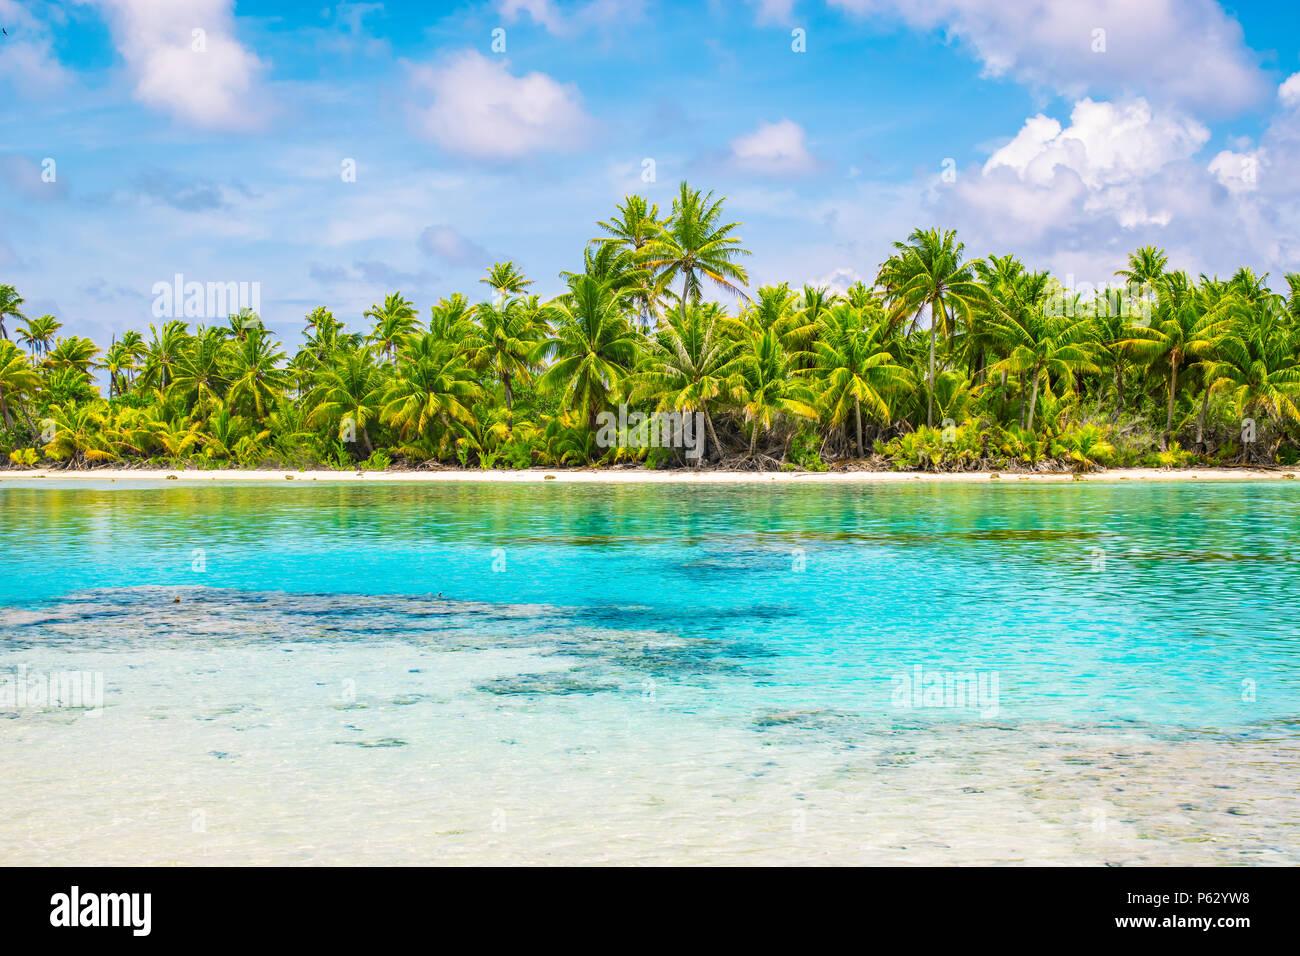 Palmeras tropicales y laguna de Fakarava, Polinesia Francesa. Concepto de vacaciones de verano. Foto de stock